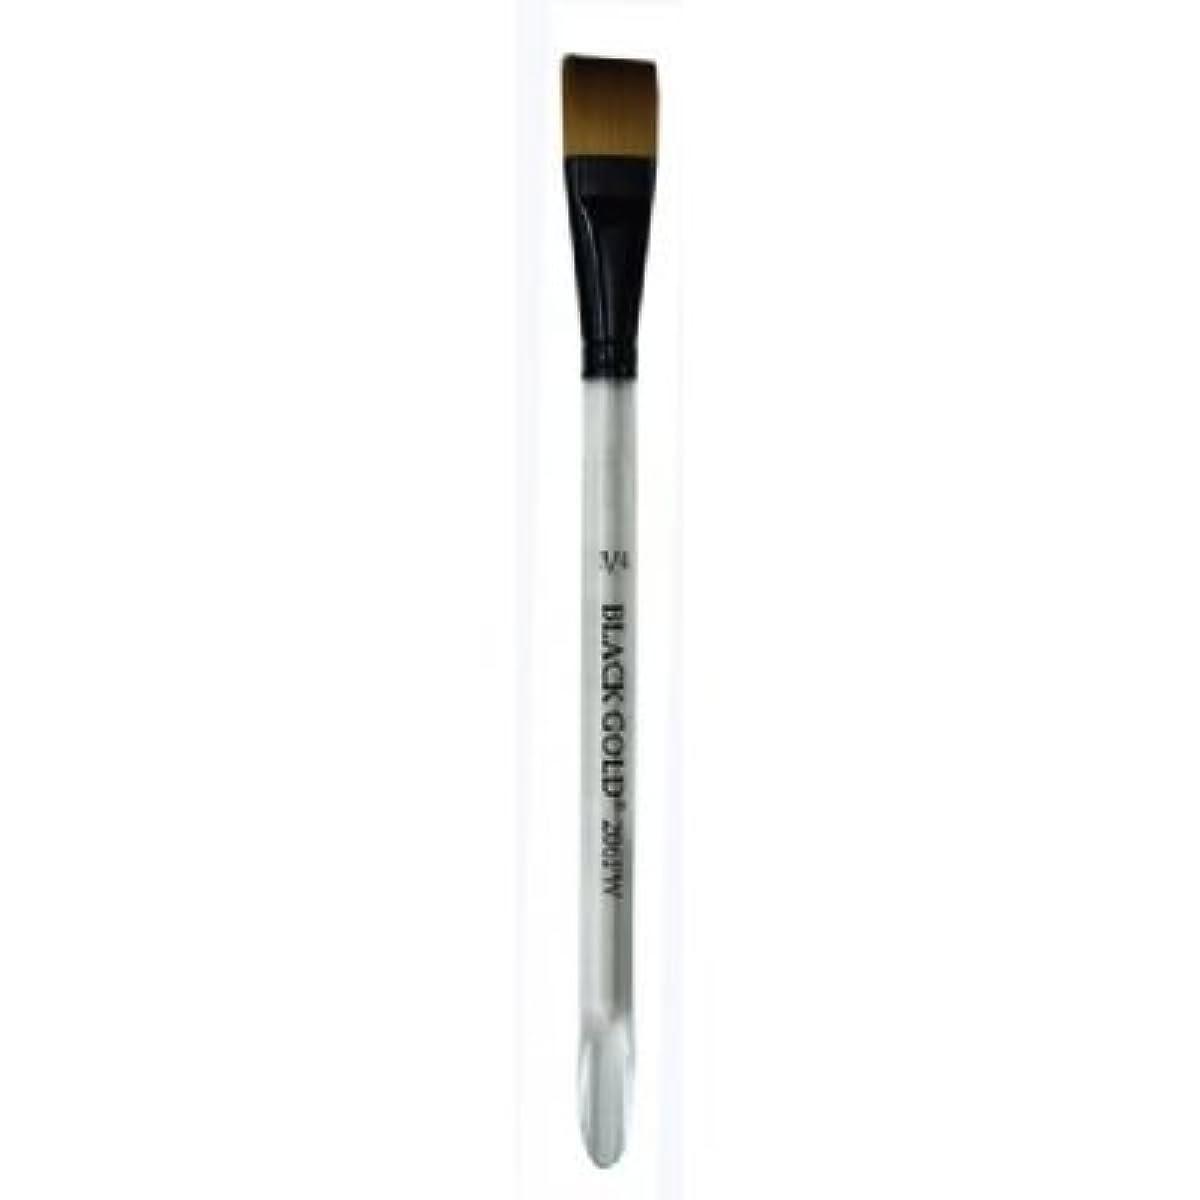 Dynasty Black Gold Series 206FW - Flat Wash Brushes - Size 3/4 (one brush)